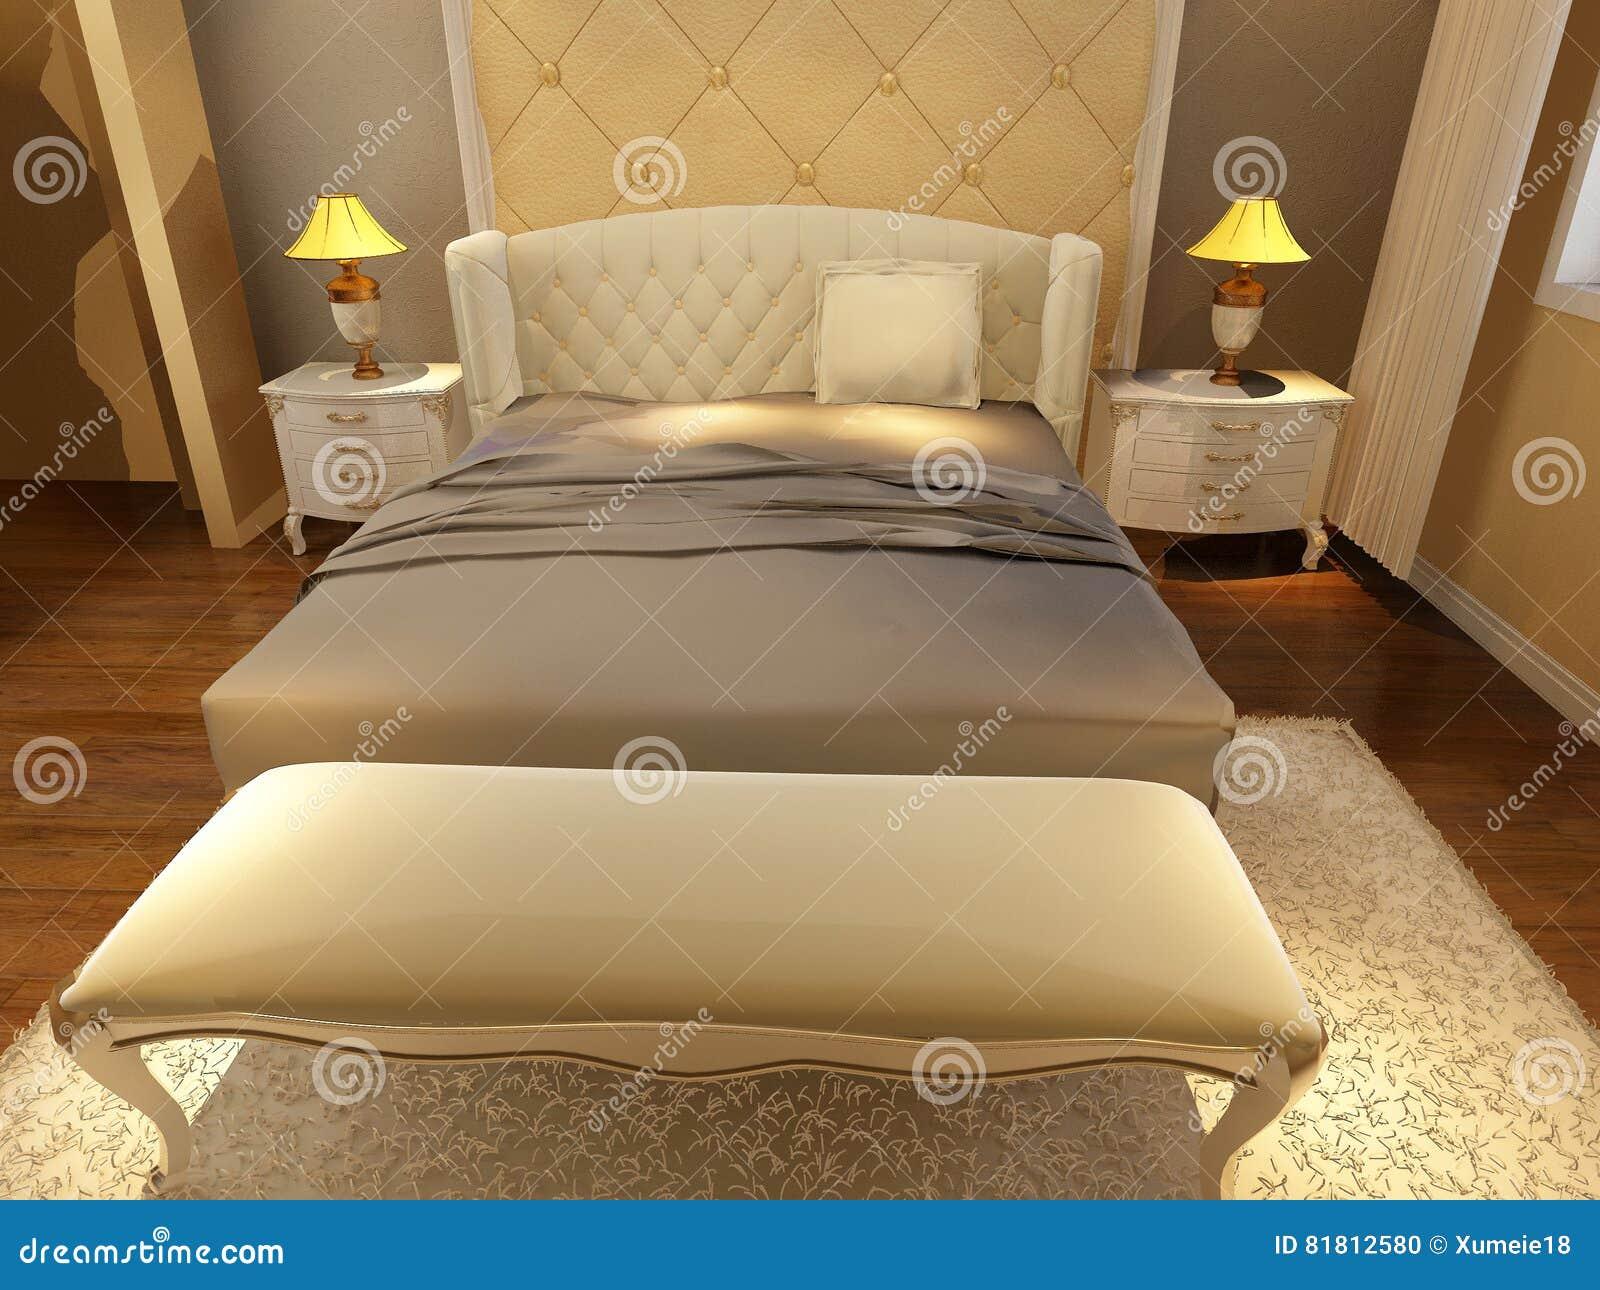 Положите комнату в постель